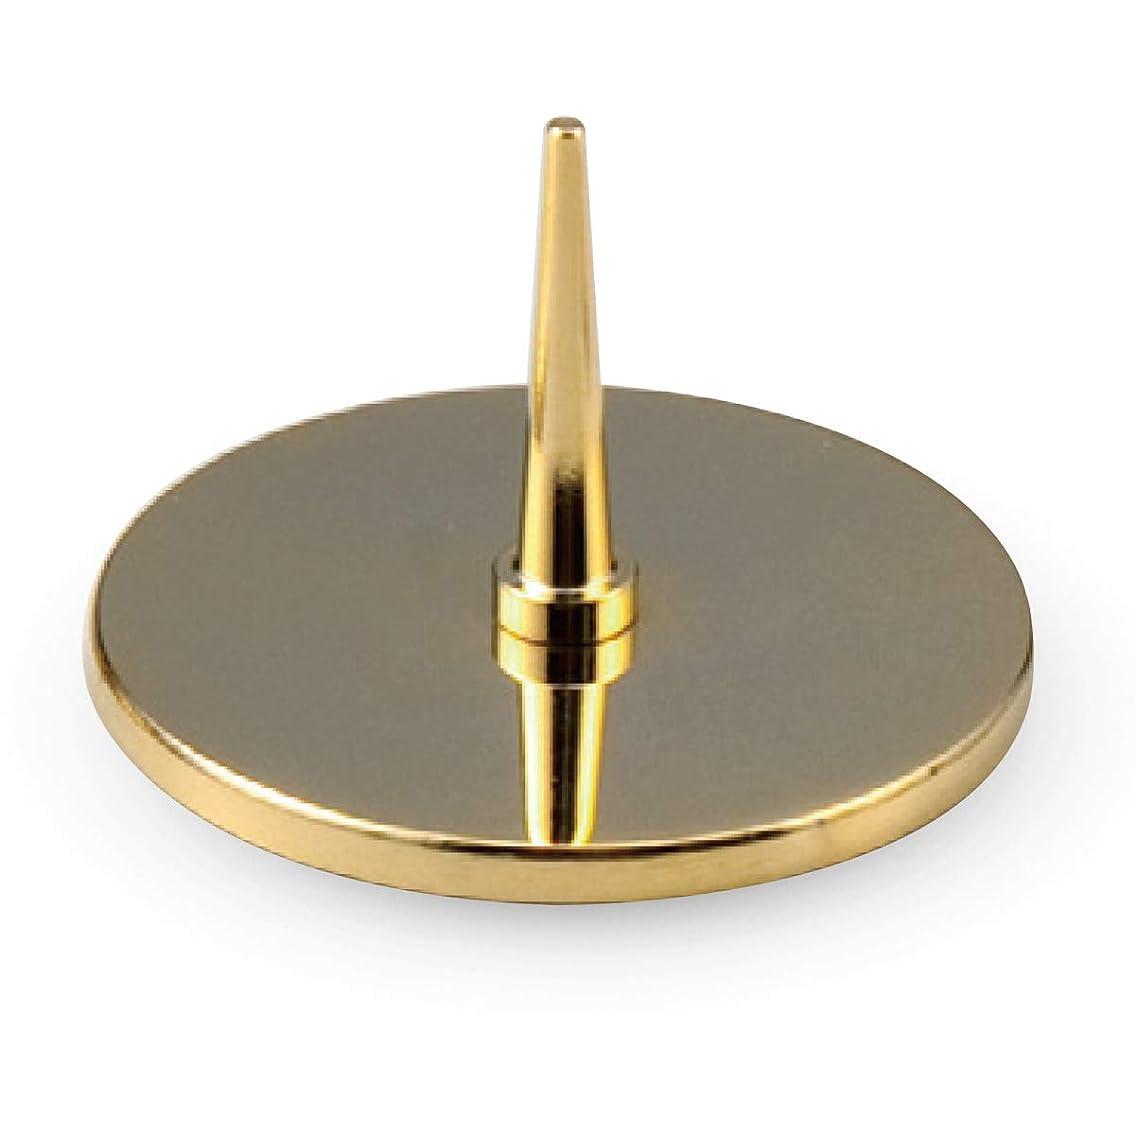 一忌避剤何もない花浪漫工房 燭台 金 Φ3.9x2.6cm 仏壇用 ミニステンレスろーそく立て ゴールド 大